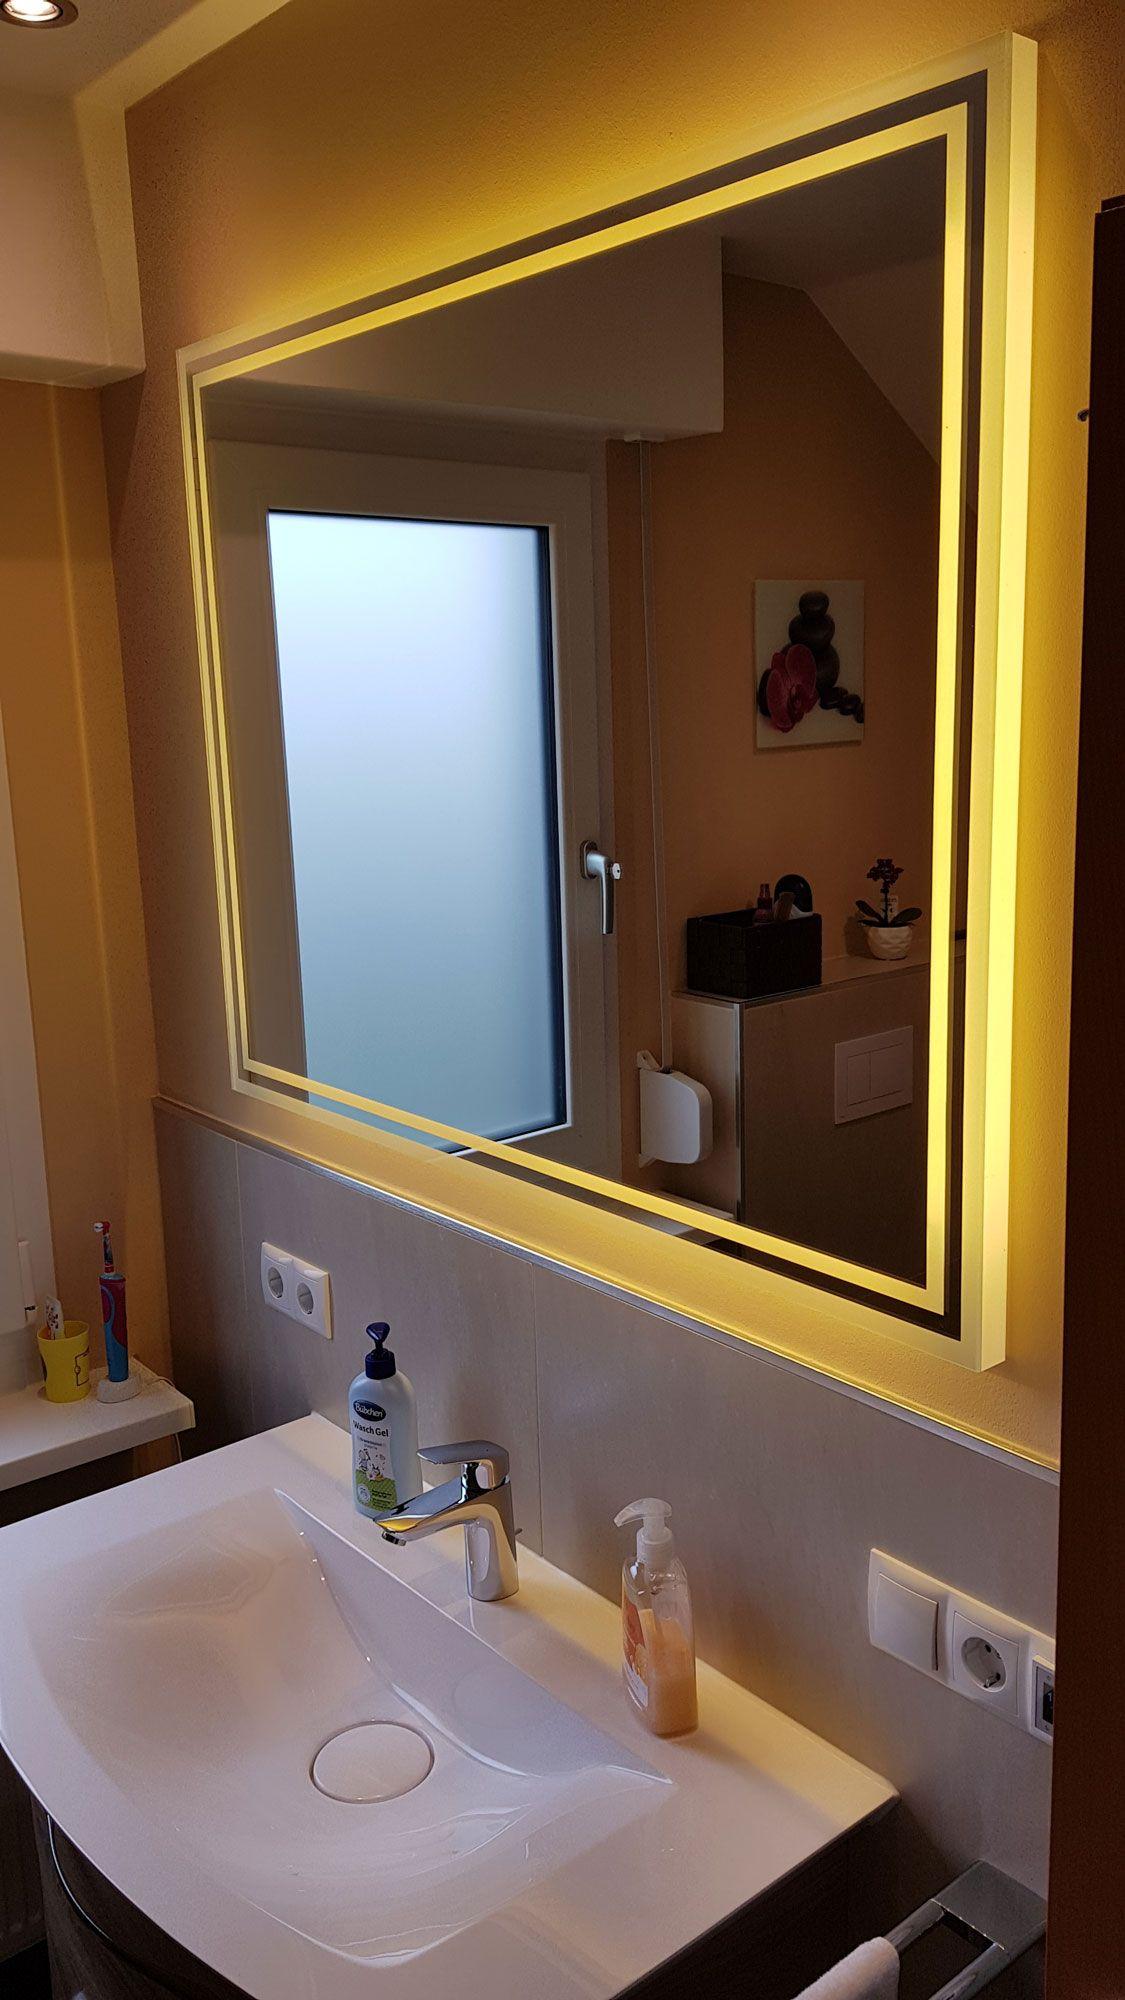 Badspiegel Aramos Ist Ein Tv Spiegel Mit Beleuchtung Badspiegel